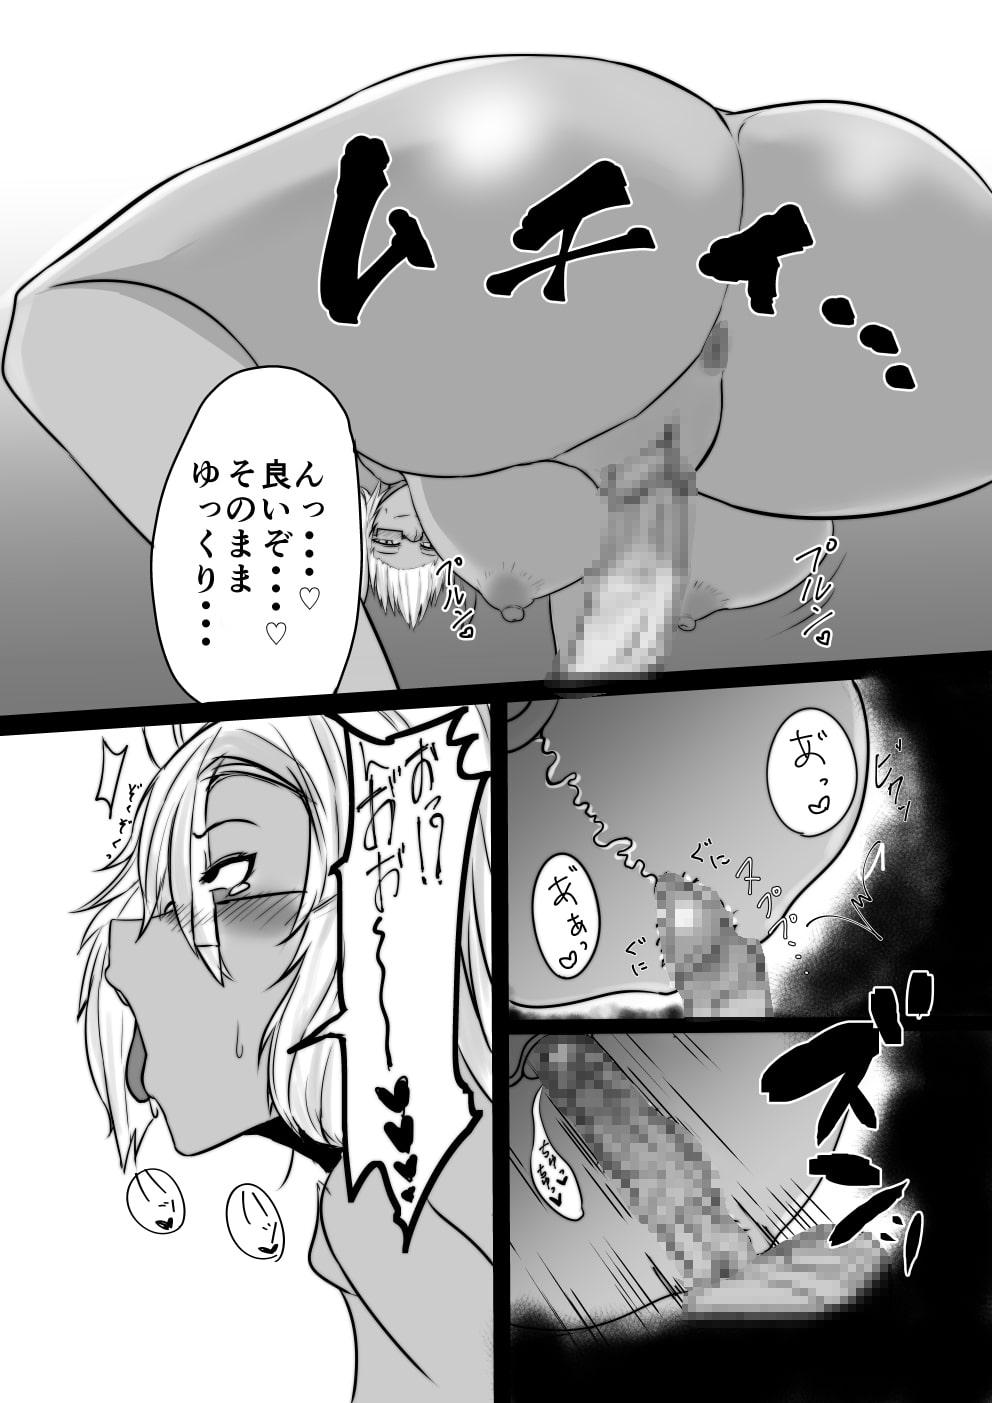 武蔵さんのすけべ本改